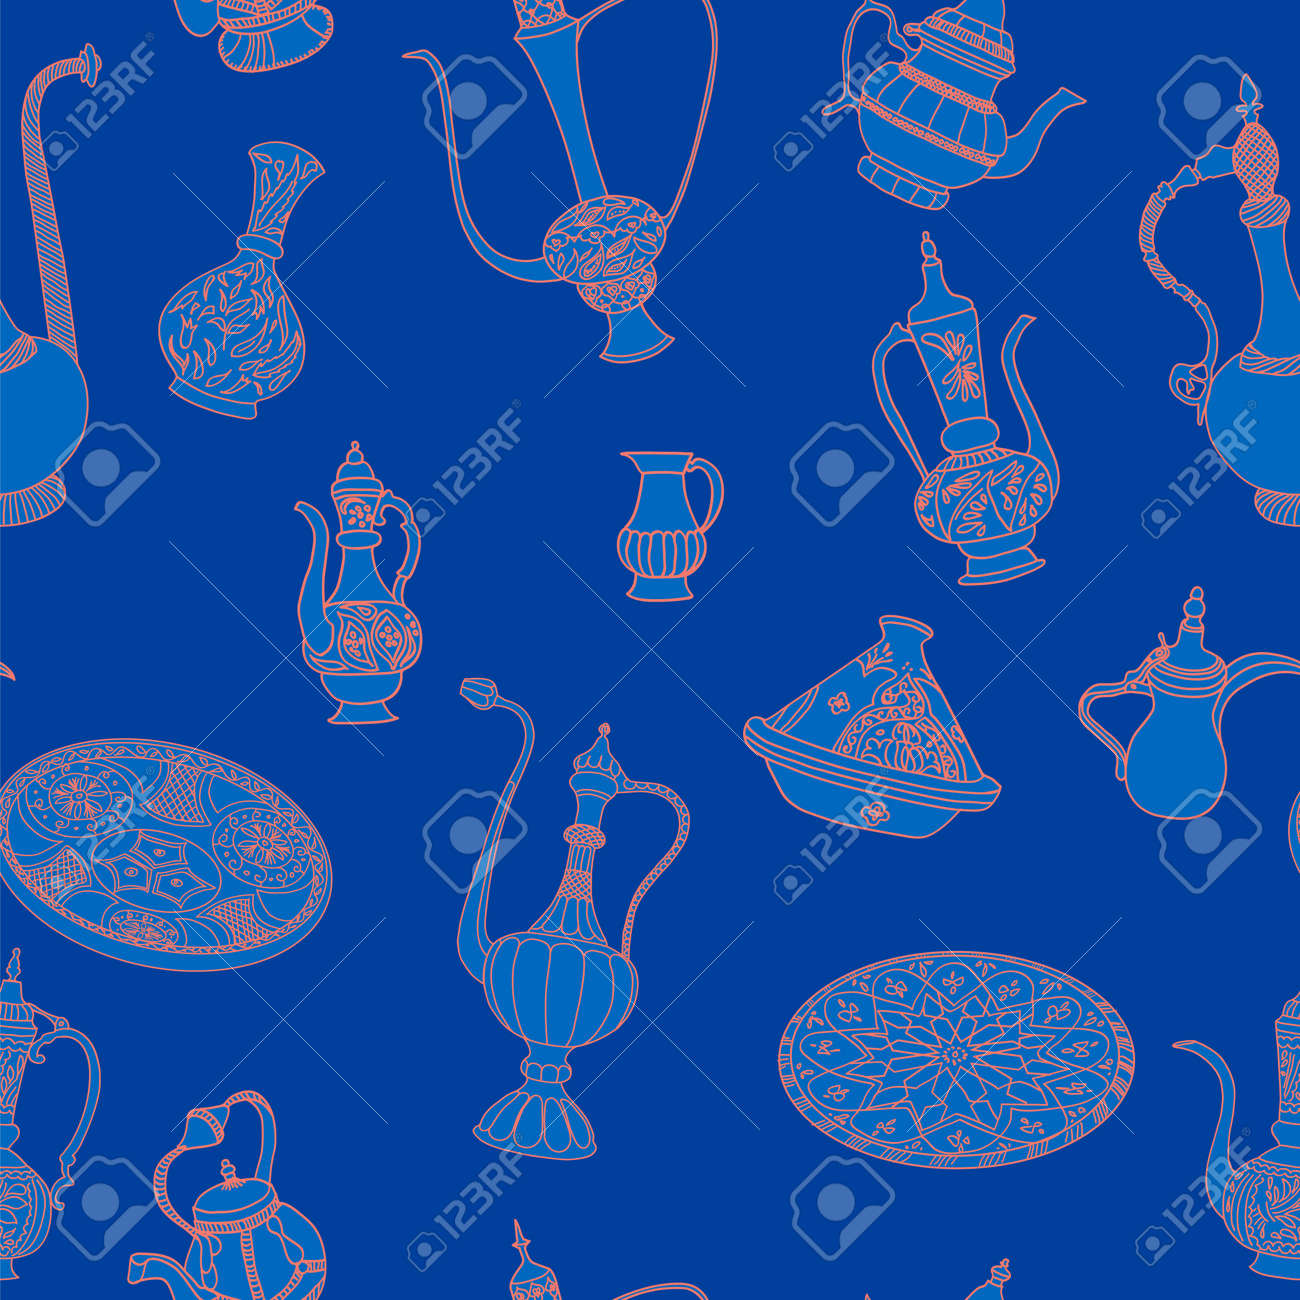 nahtlose vektor muster der arabischen geschirr oriental keramik geschirr illustration auf blauem hintergrund - Geschirr Muster